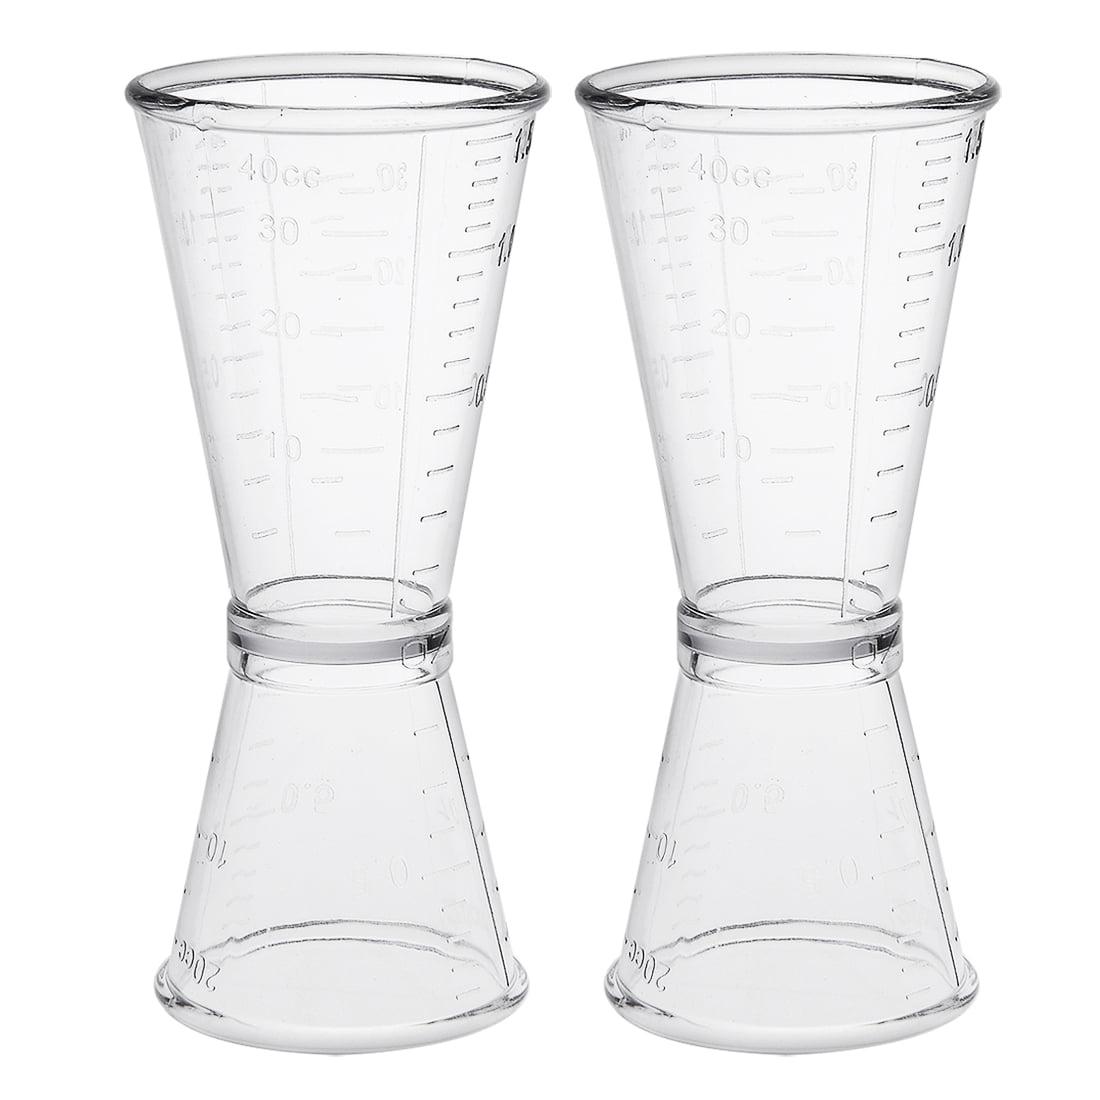 2 Pcs Double Clear Plastic Shot Glasses Drink Spirit Measure Cup by Unique-Bargains